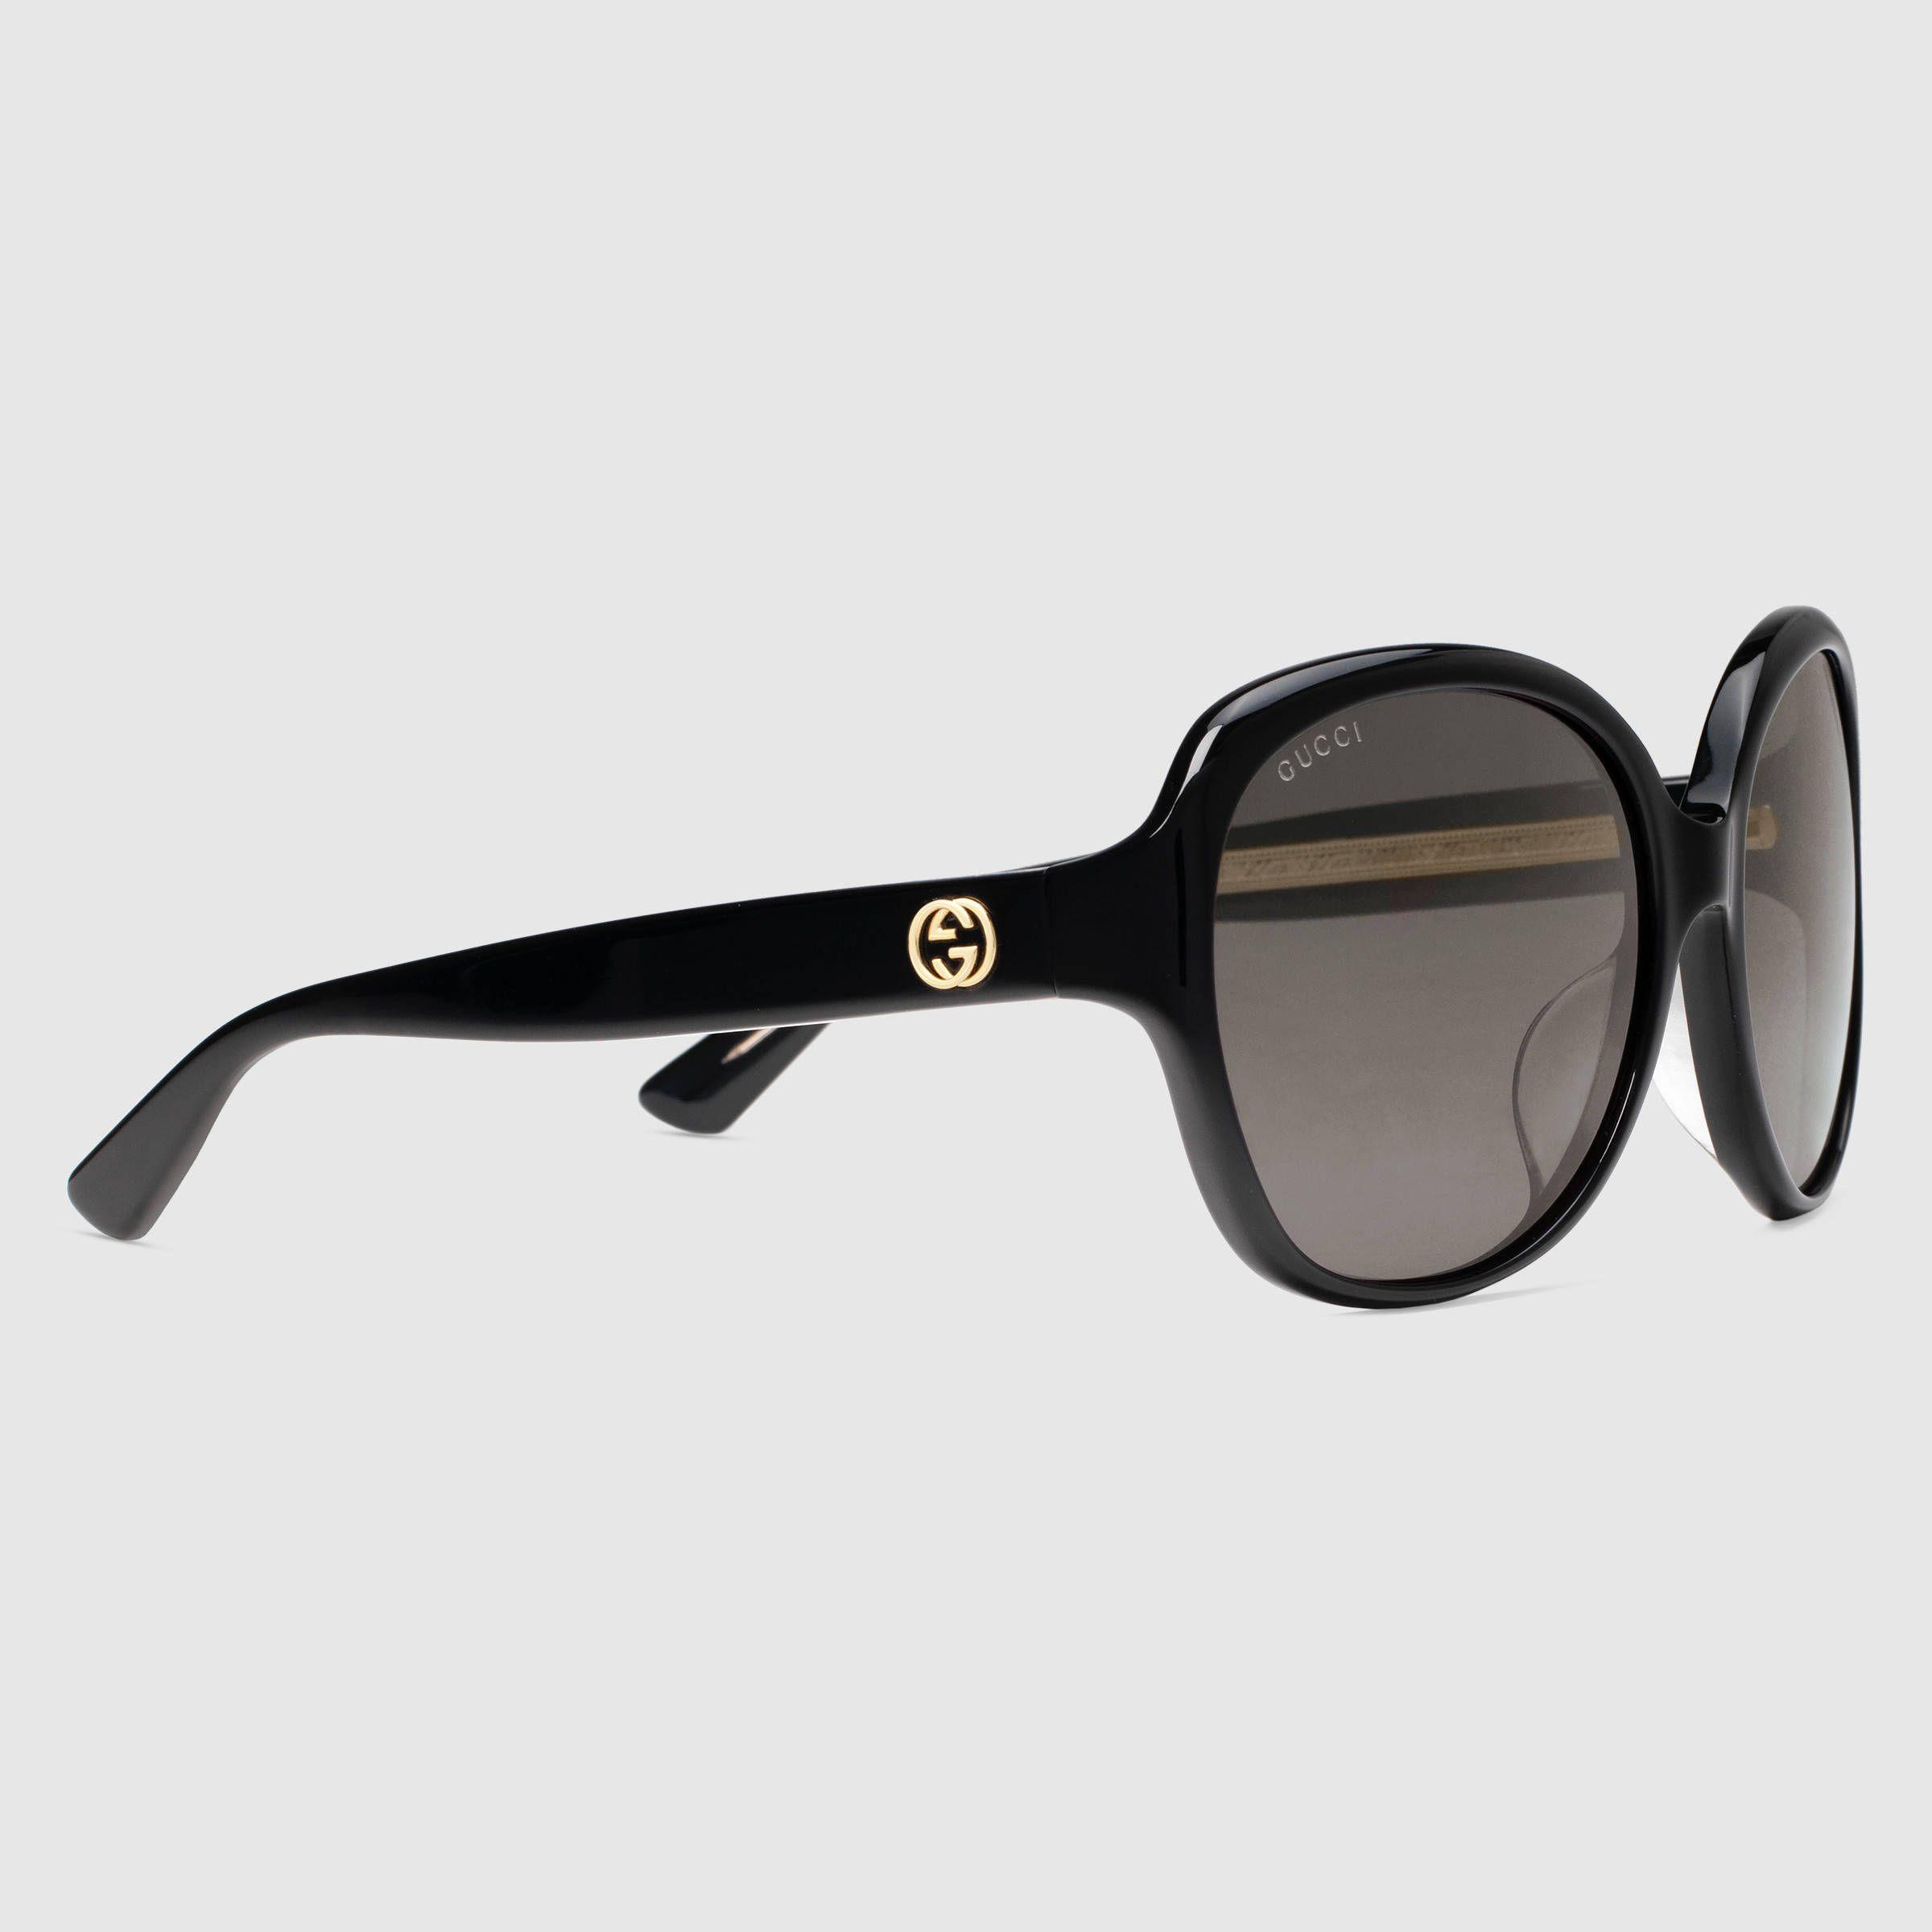 Extragroße Sonnenbrille mit rundem Rahmen aus Azetat   Rahmen und Runde